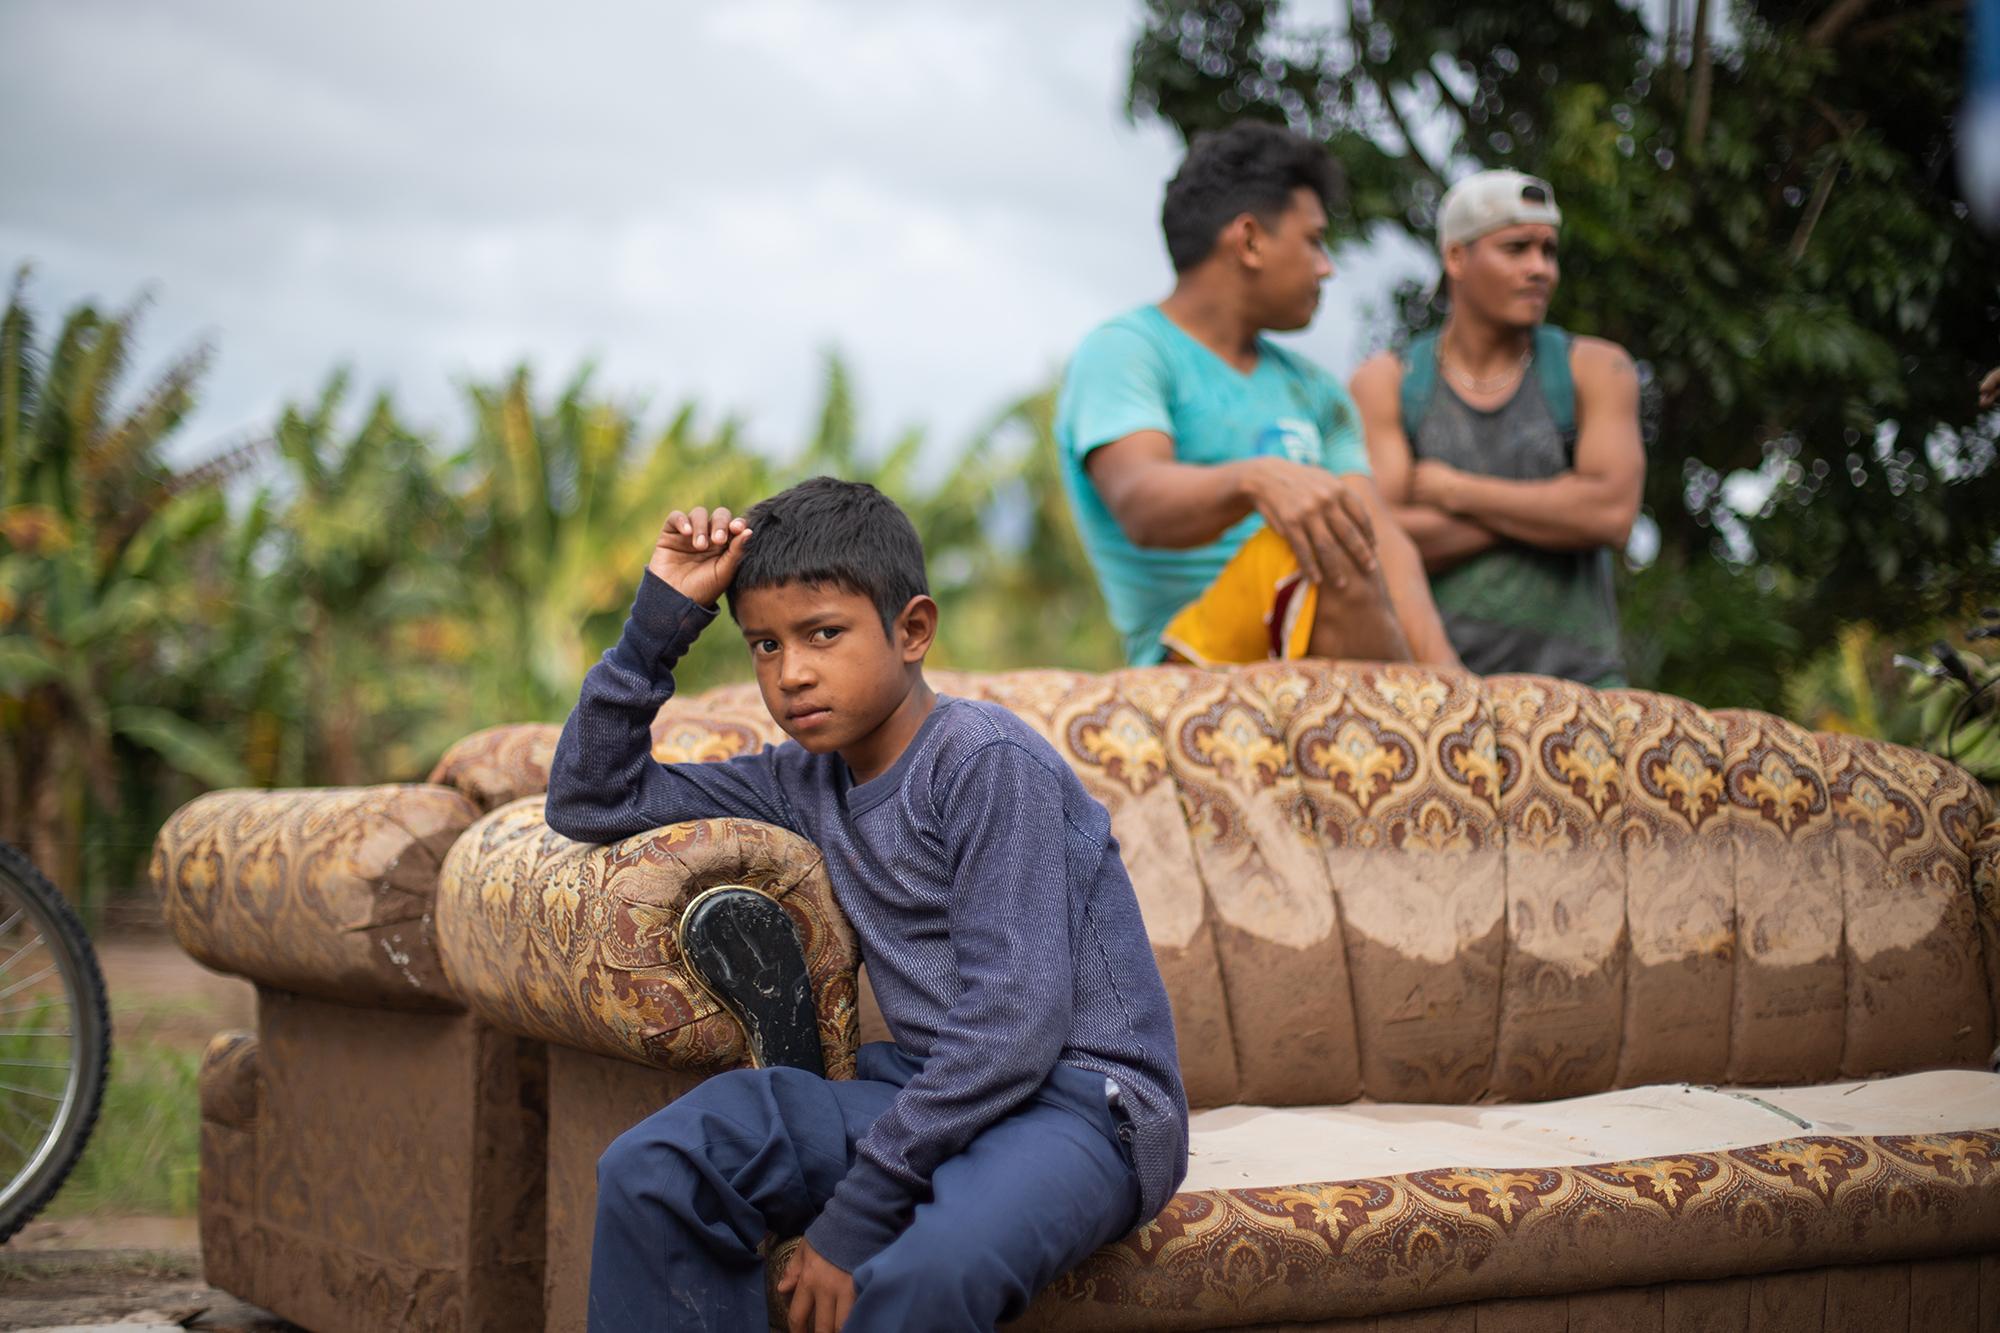 Sentado sobre un sofá rescatado de las inundaciones en la colonia La Democracia en la rivera del río Ulúa, Moises de 10 años, observa cómo el cause del río ha inundado los dos carriles de la CA-13 que conecta El Progreso con la ciudad de San Pedro Sula. Moises y su familia se han refugiado en un albergue improvisado con plásticos, trozos de madera, y láminas de zinc. San Manuel, Cortés, 18 de noviembre de 2020. Foto: Martín Cálix.